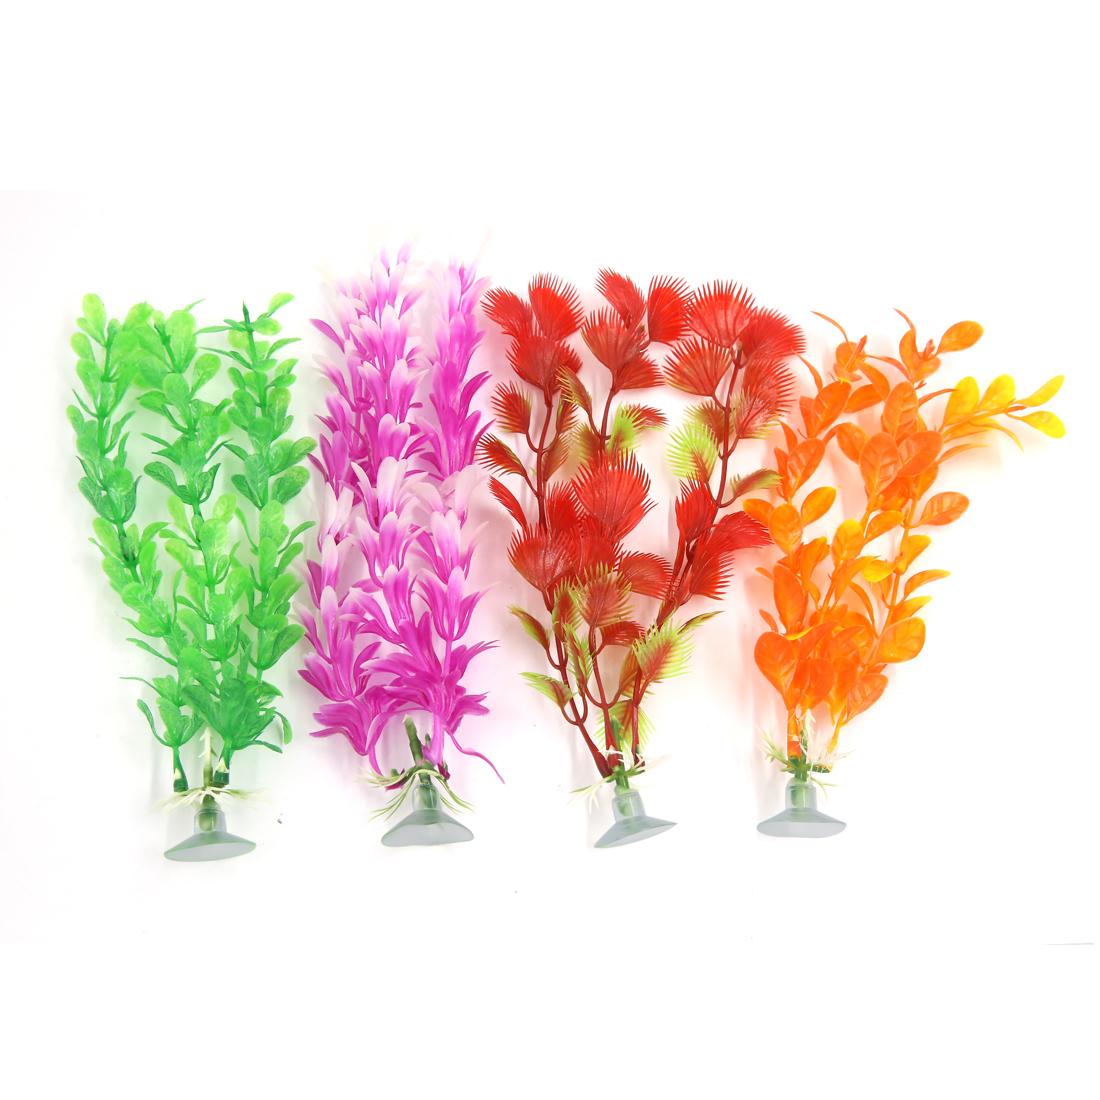 4 Pcs Plastic Aquarium Ornament Deco Plants With Suction Cup